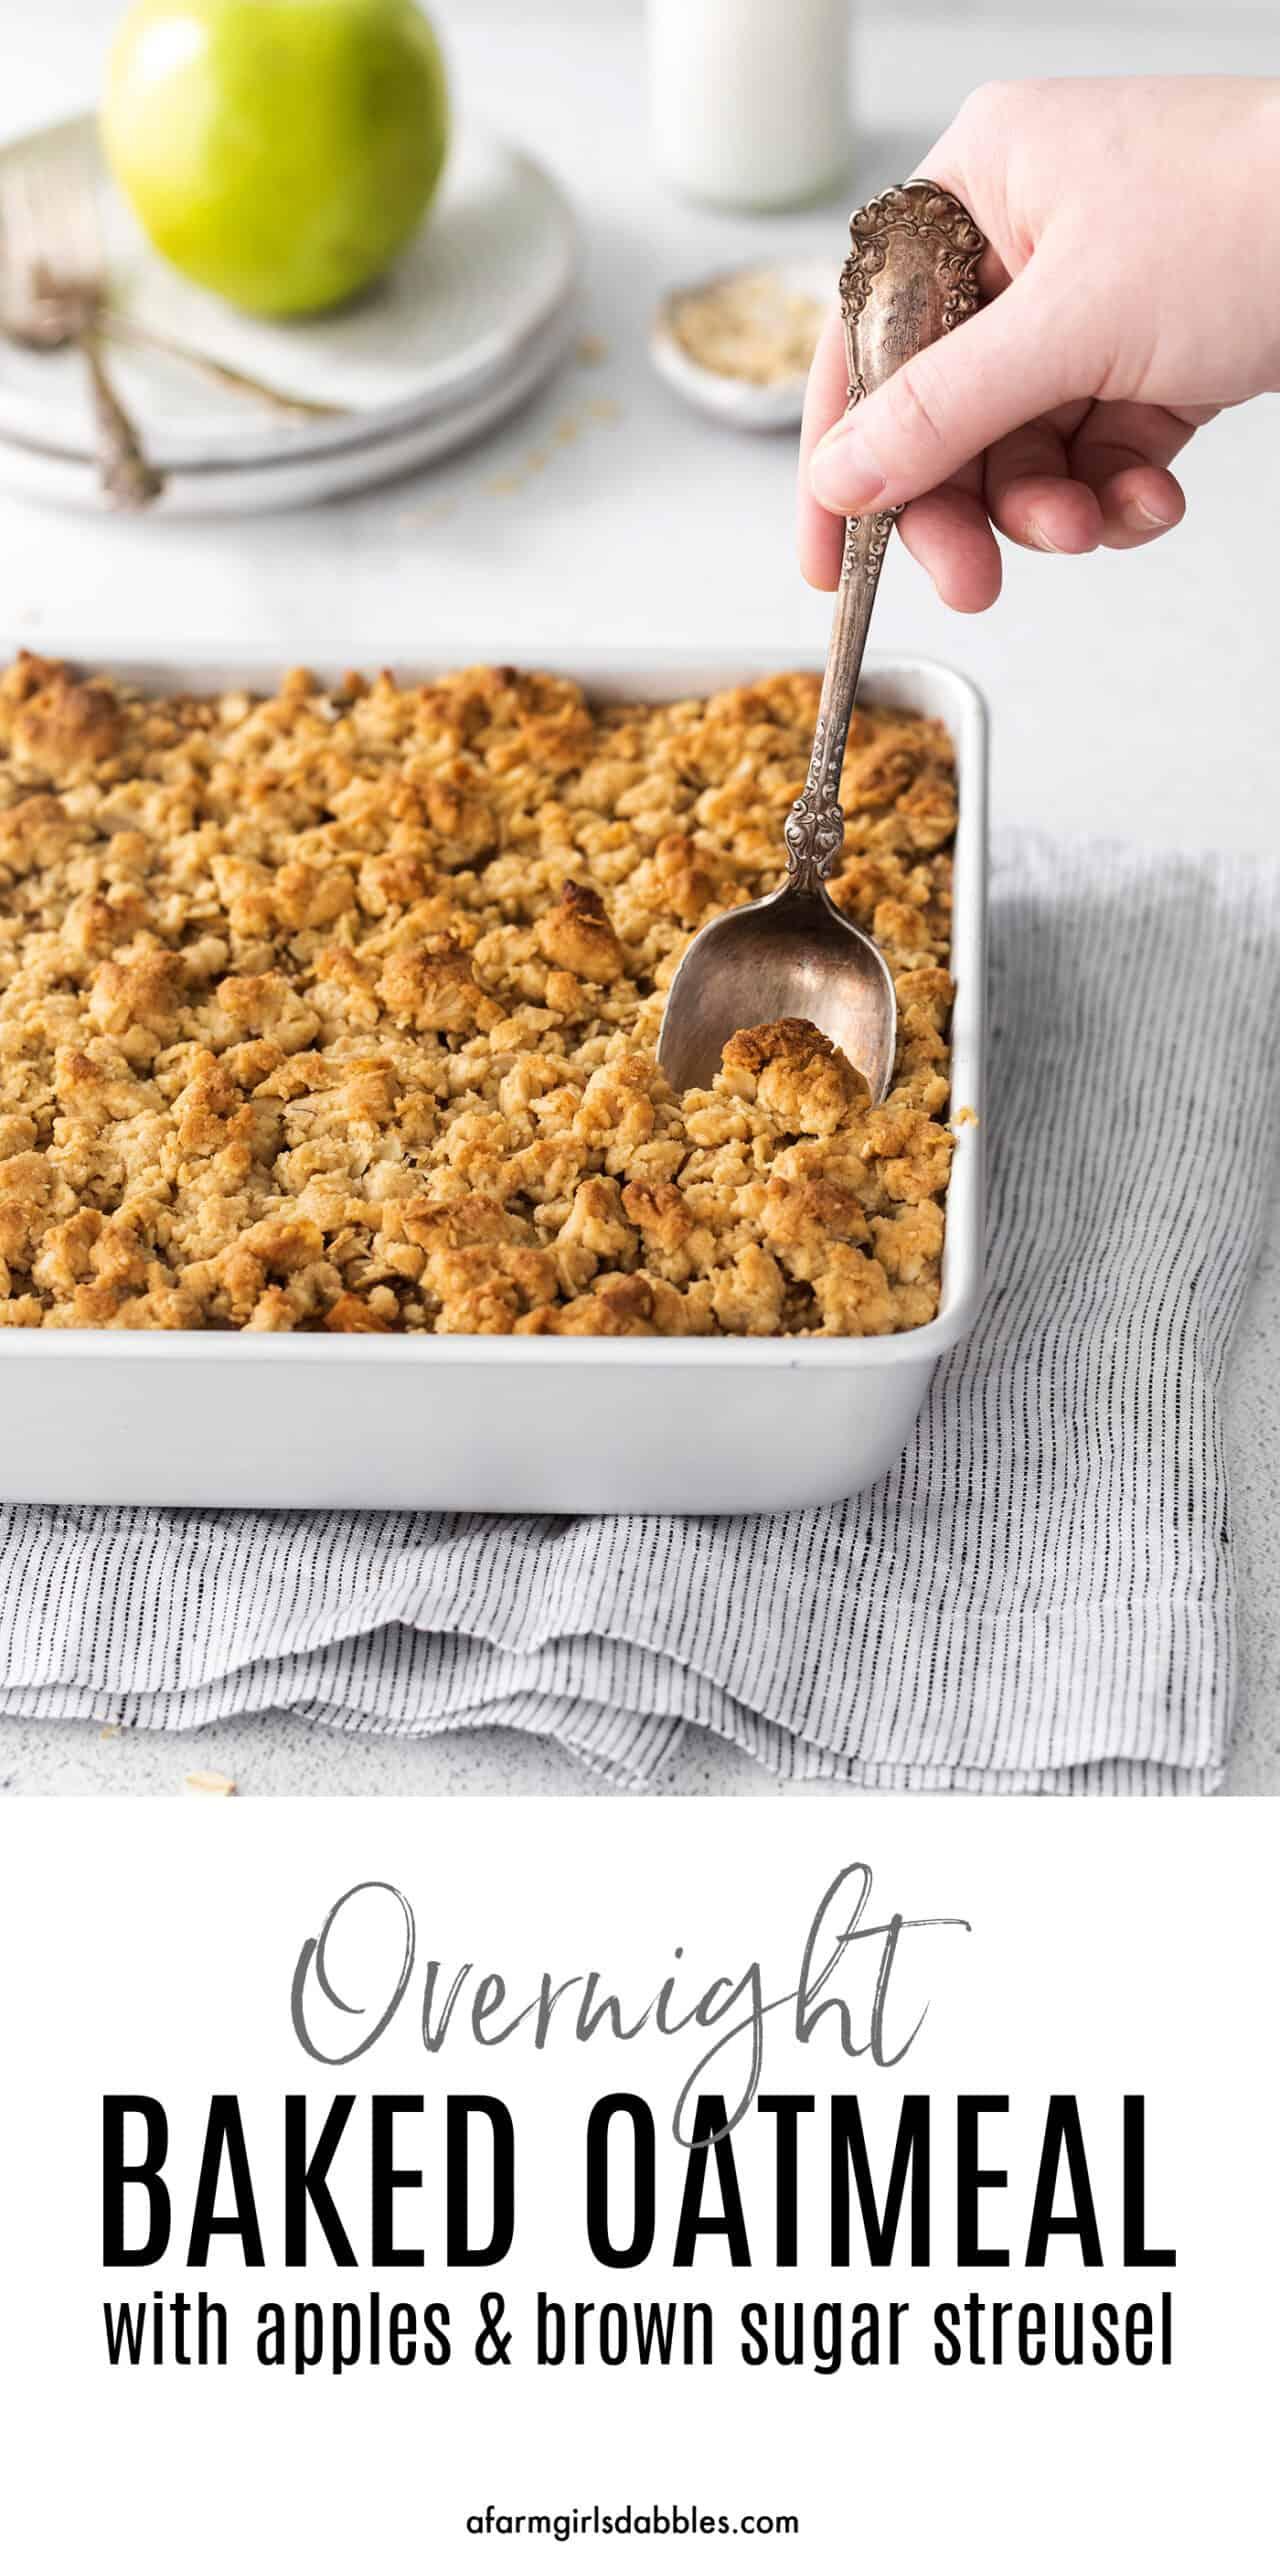 Pinterest image for overnight baked apple oatmeal